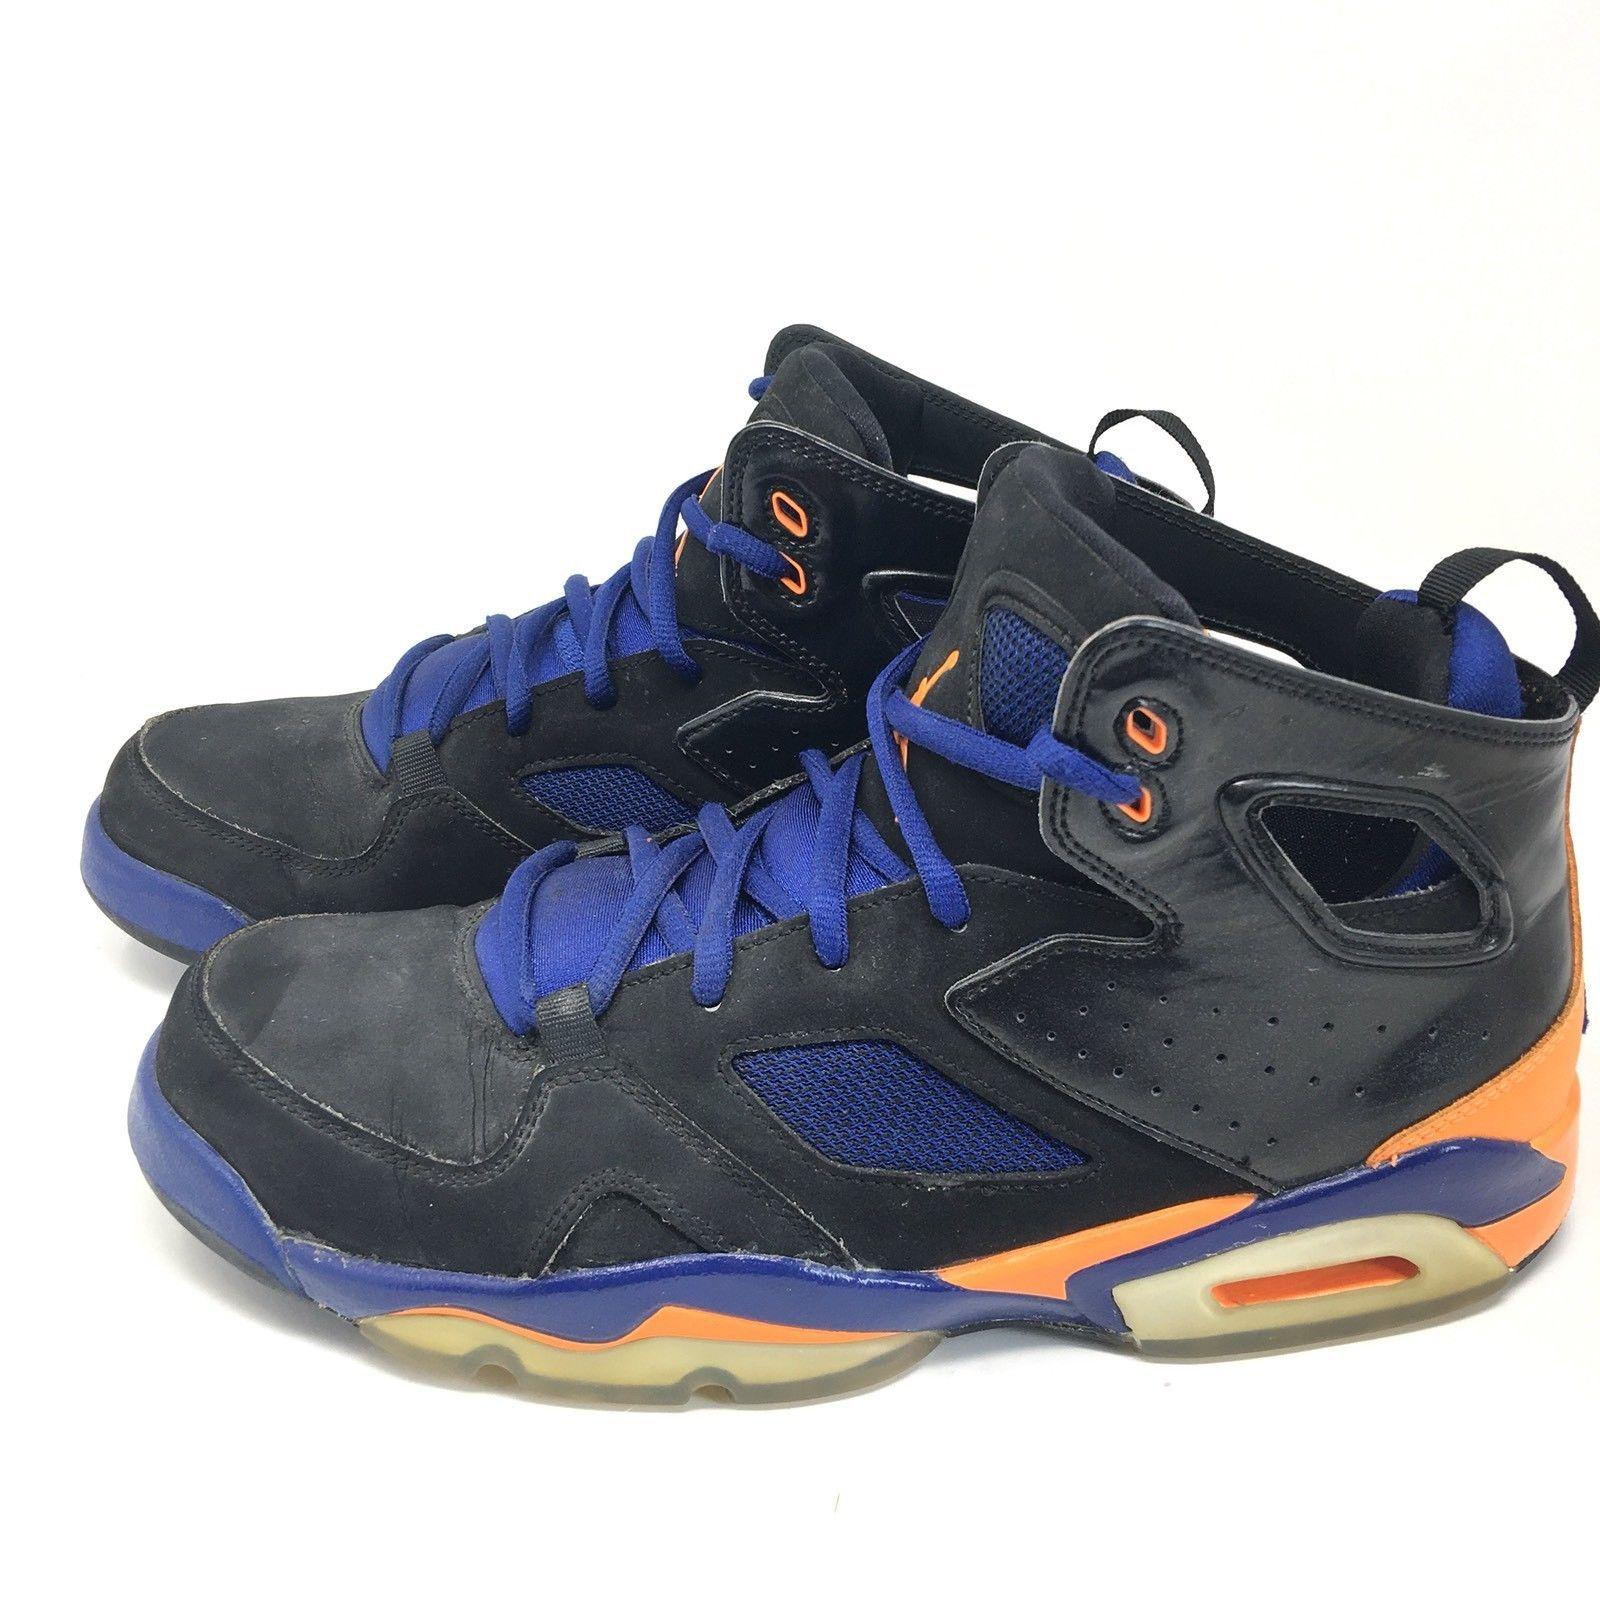 ba55a8a9f3c Nike Air Jordan Flight Club 91 555475-081 and 10 similar items. S l1600